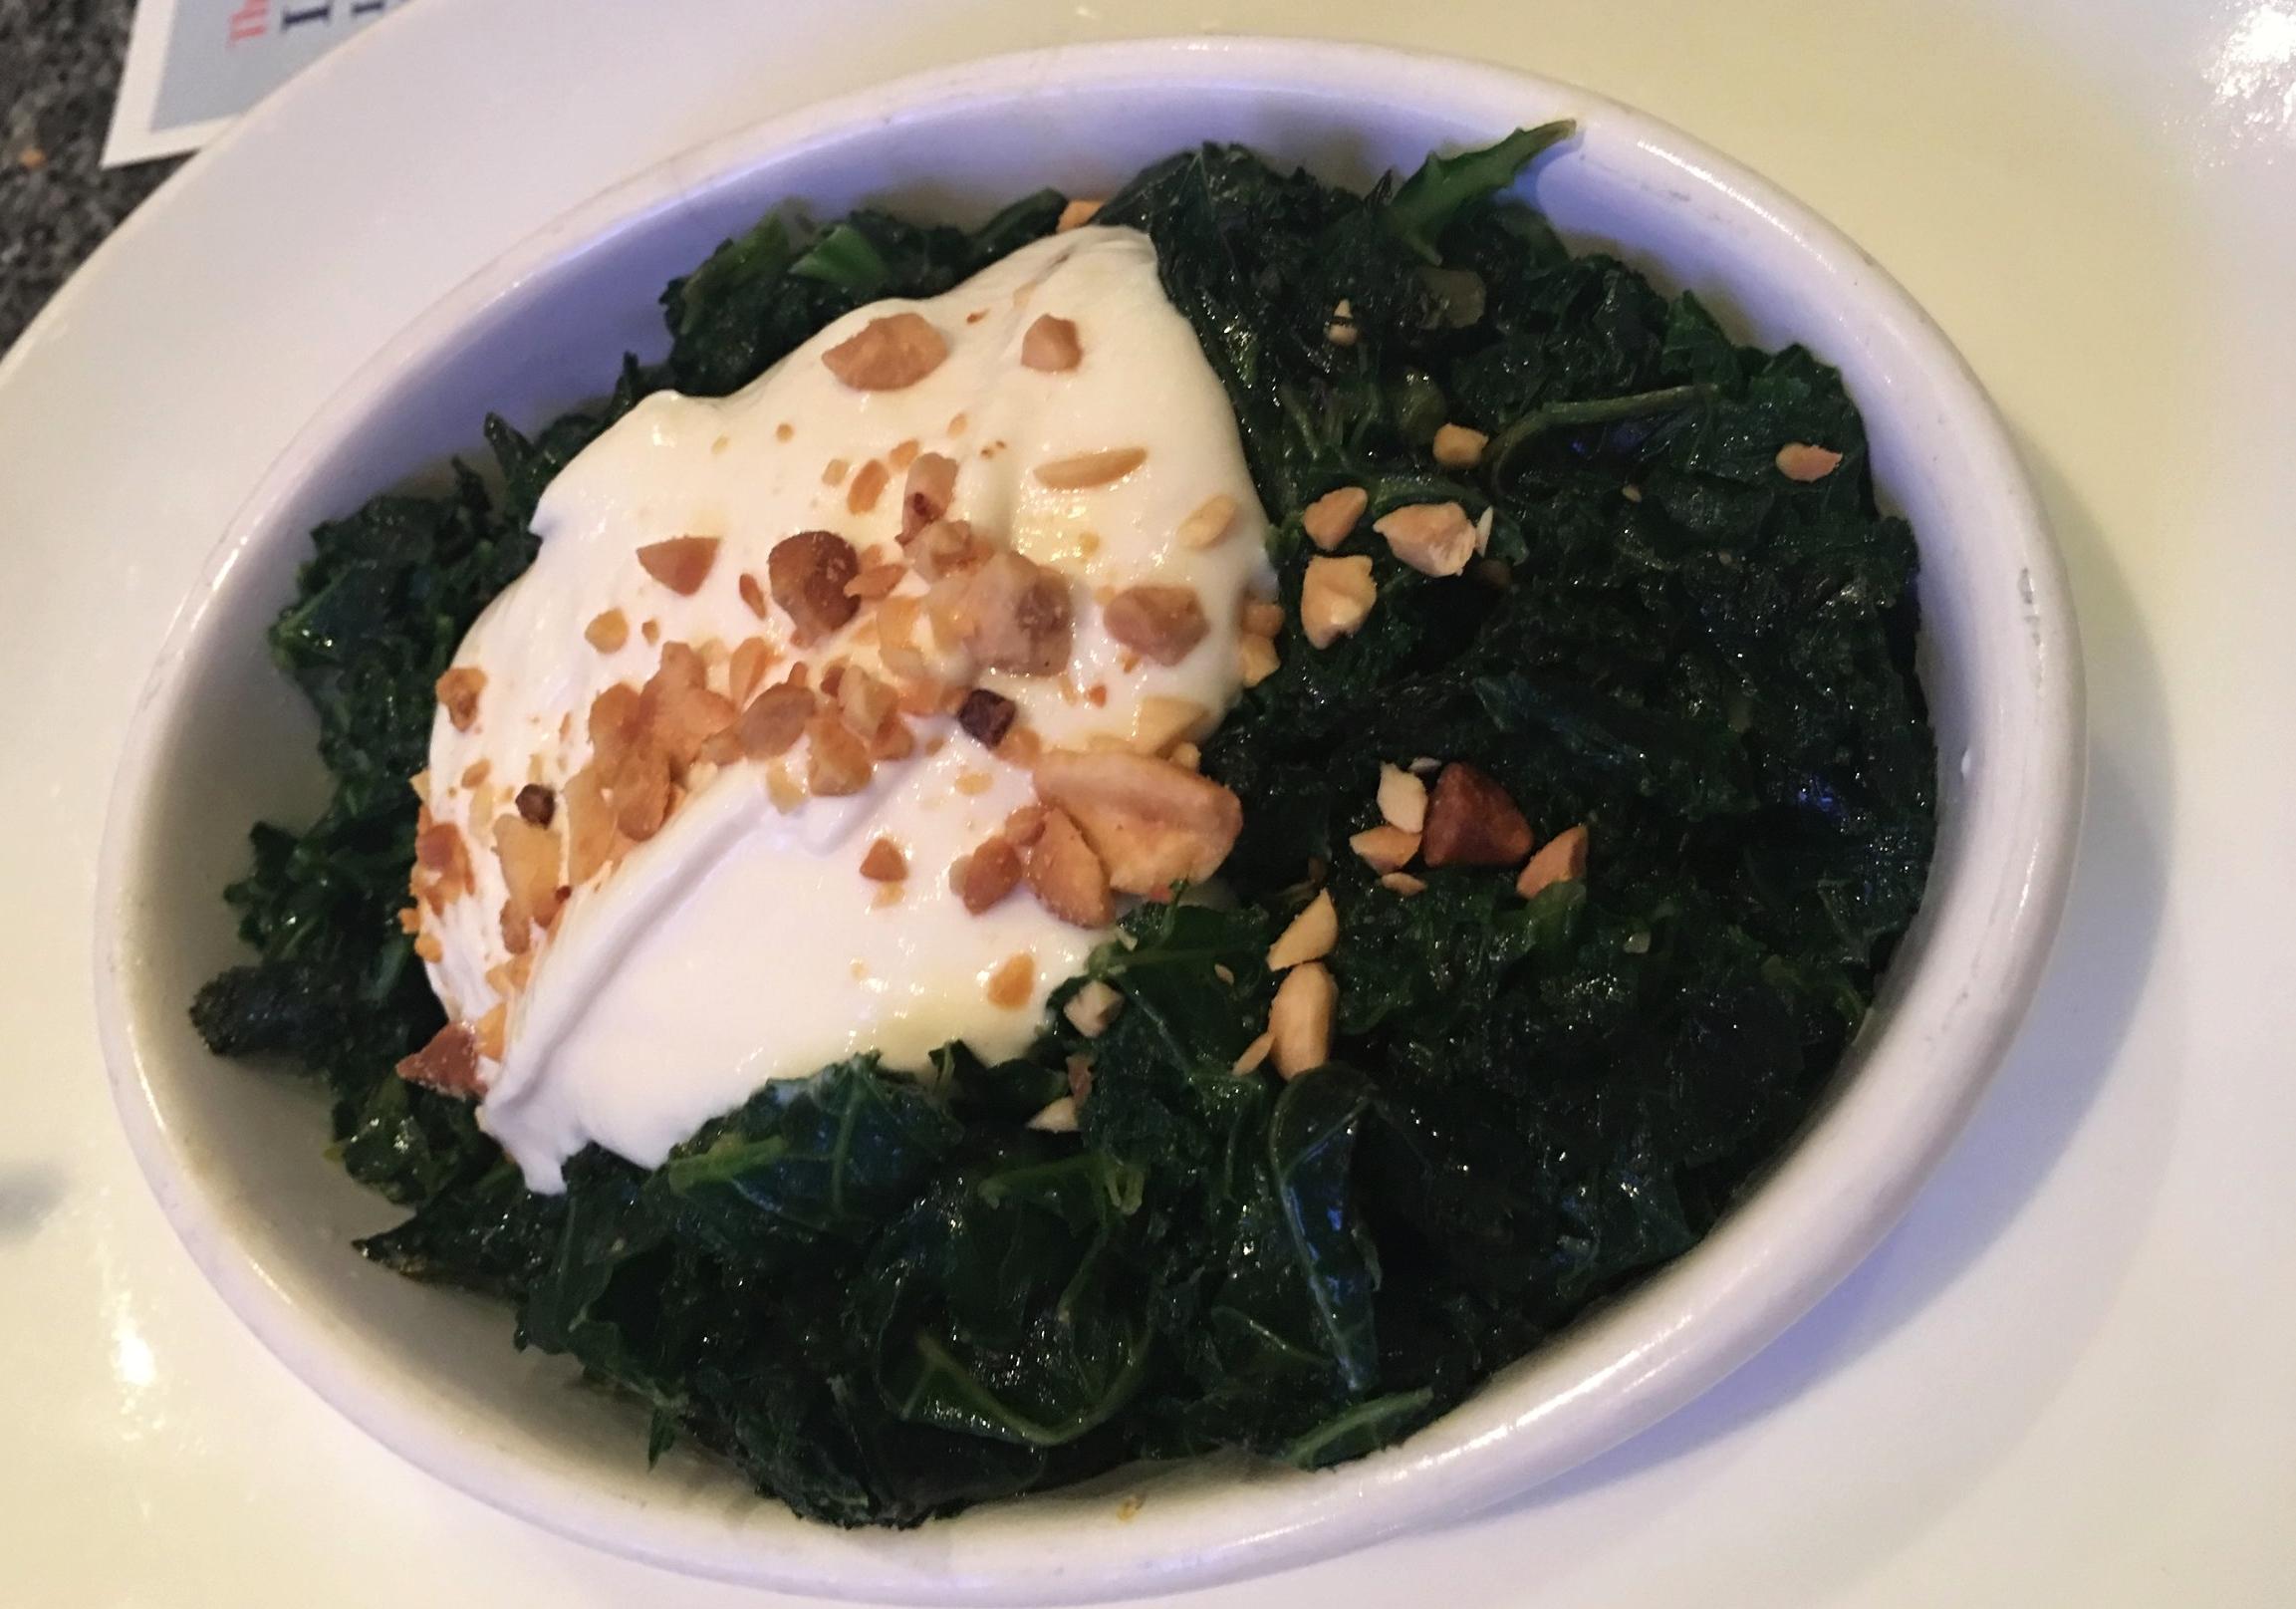 Sauteed Kale with Yogurt and Peanuts